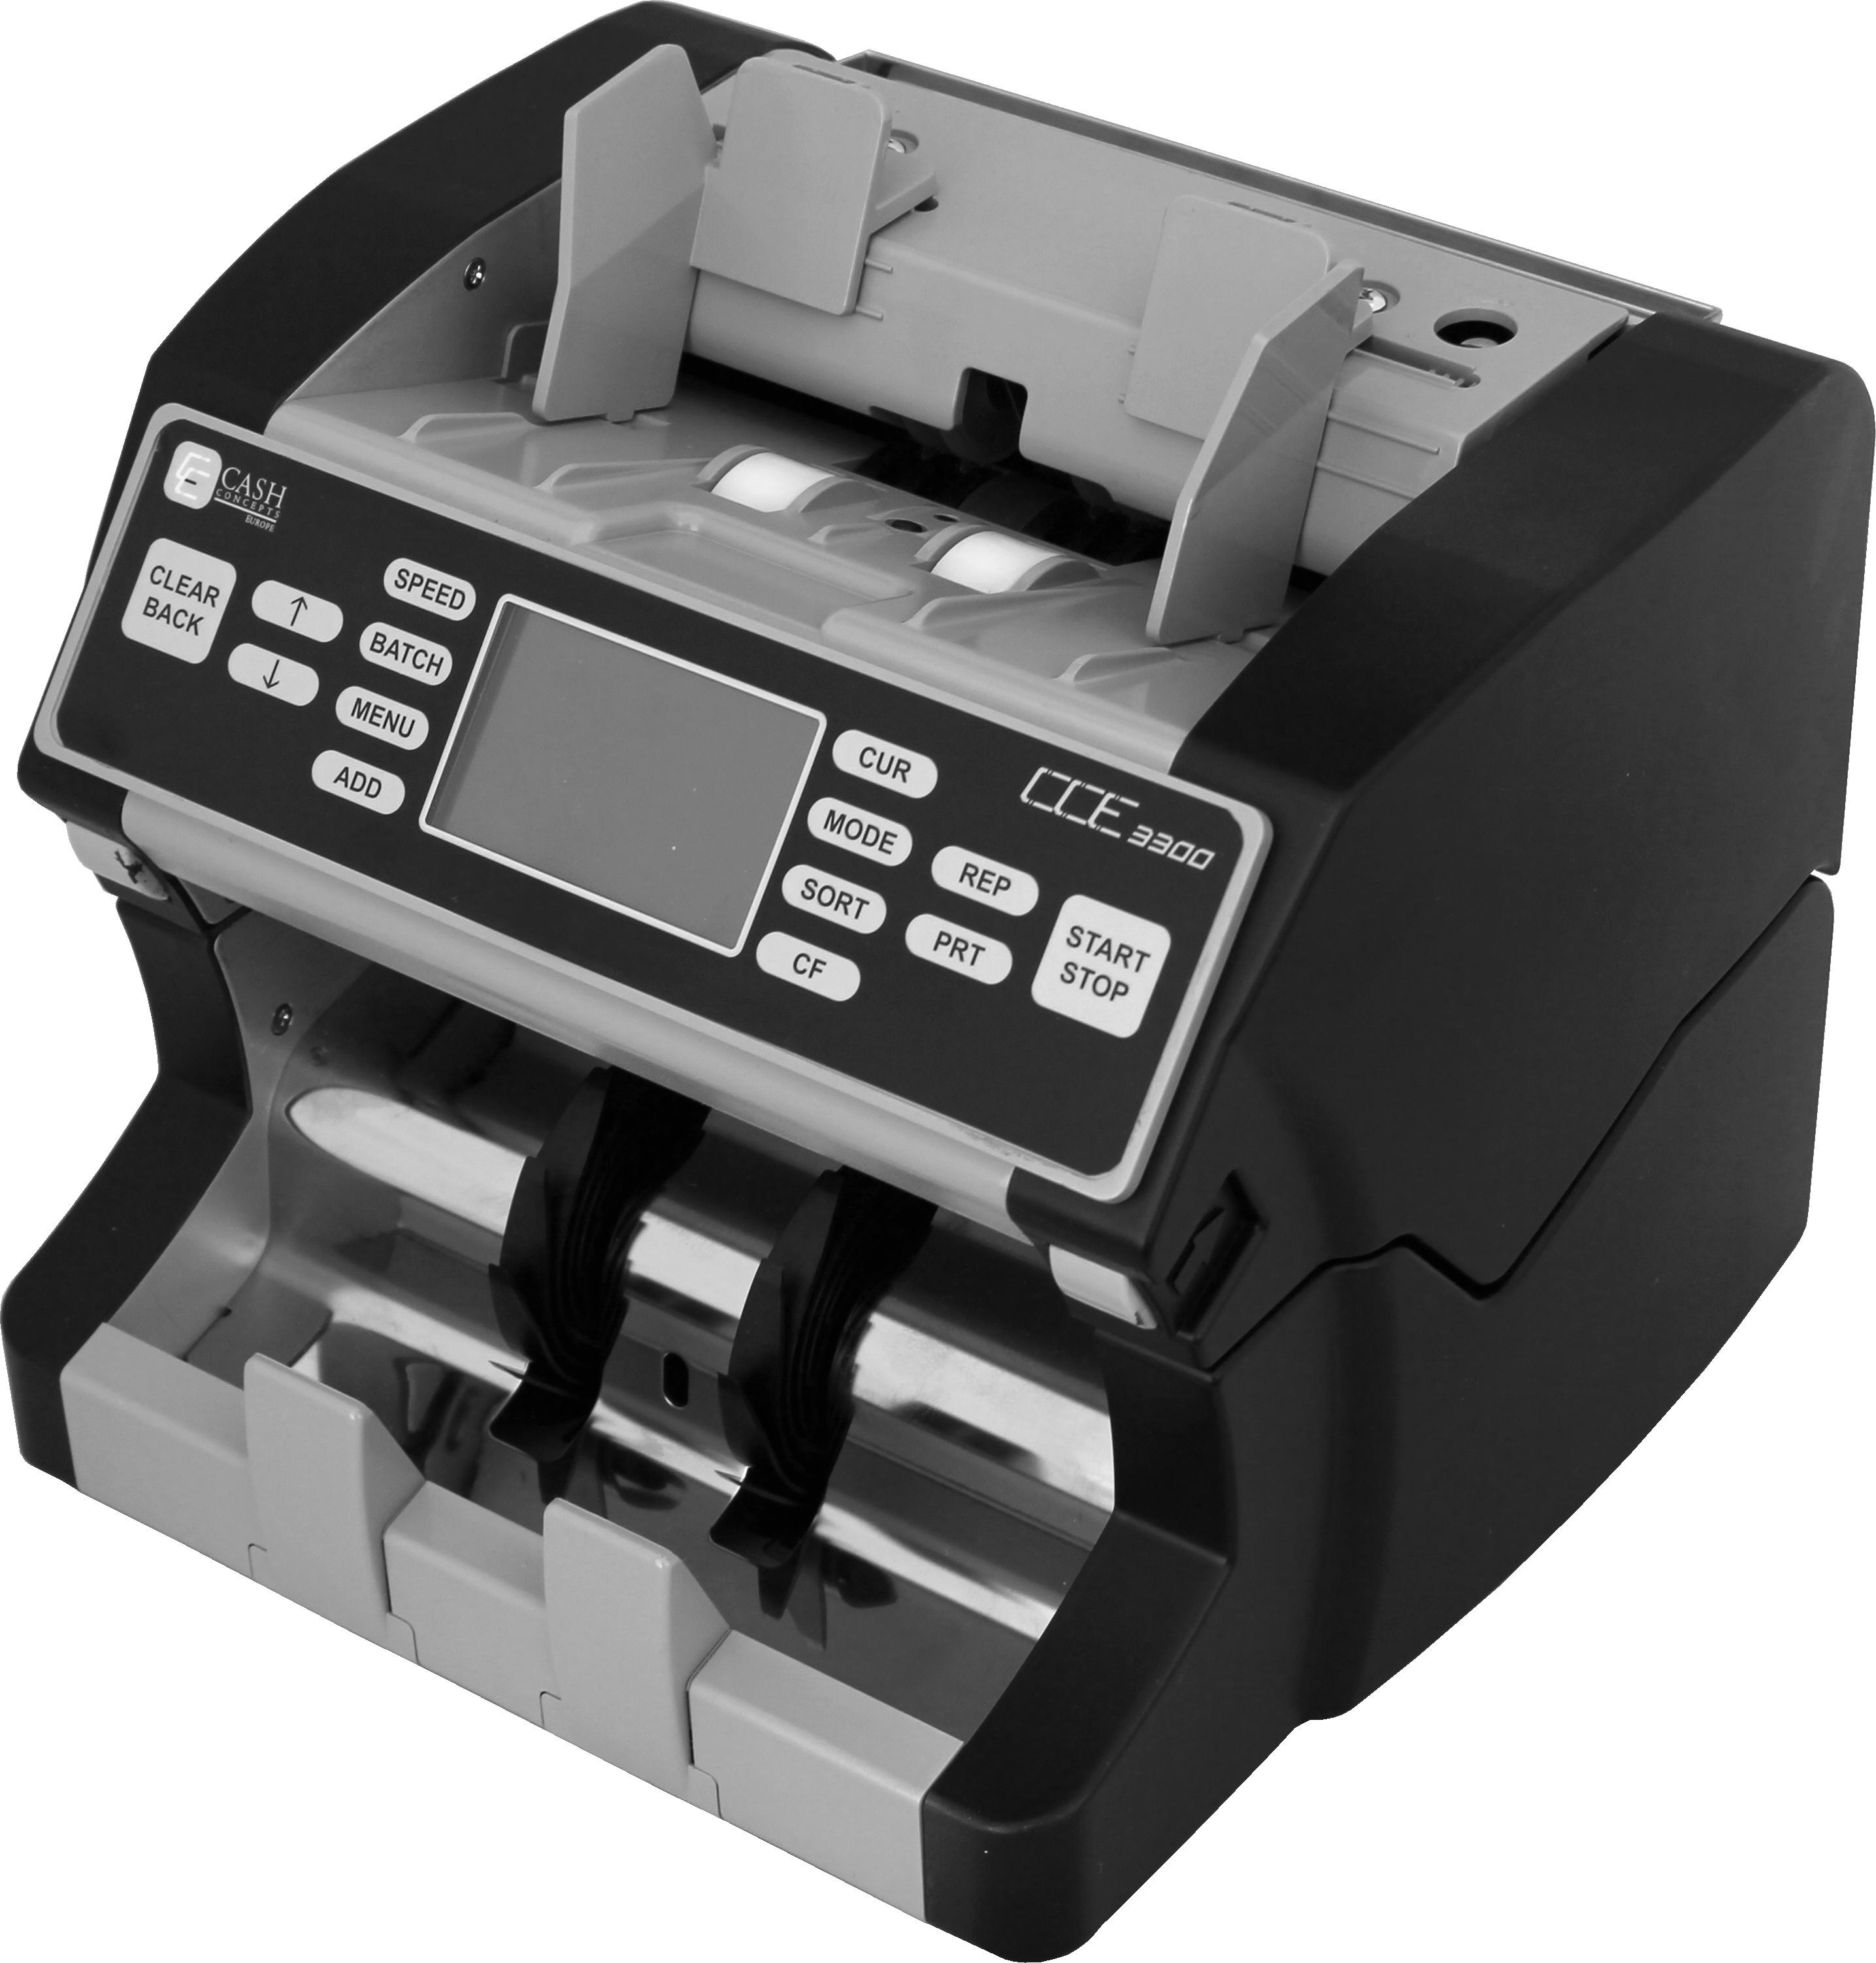 Mišrių banknotų skaičiavimo aparatas CCE 3300